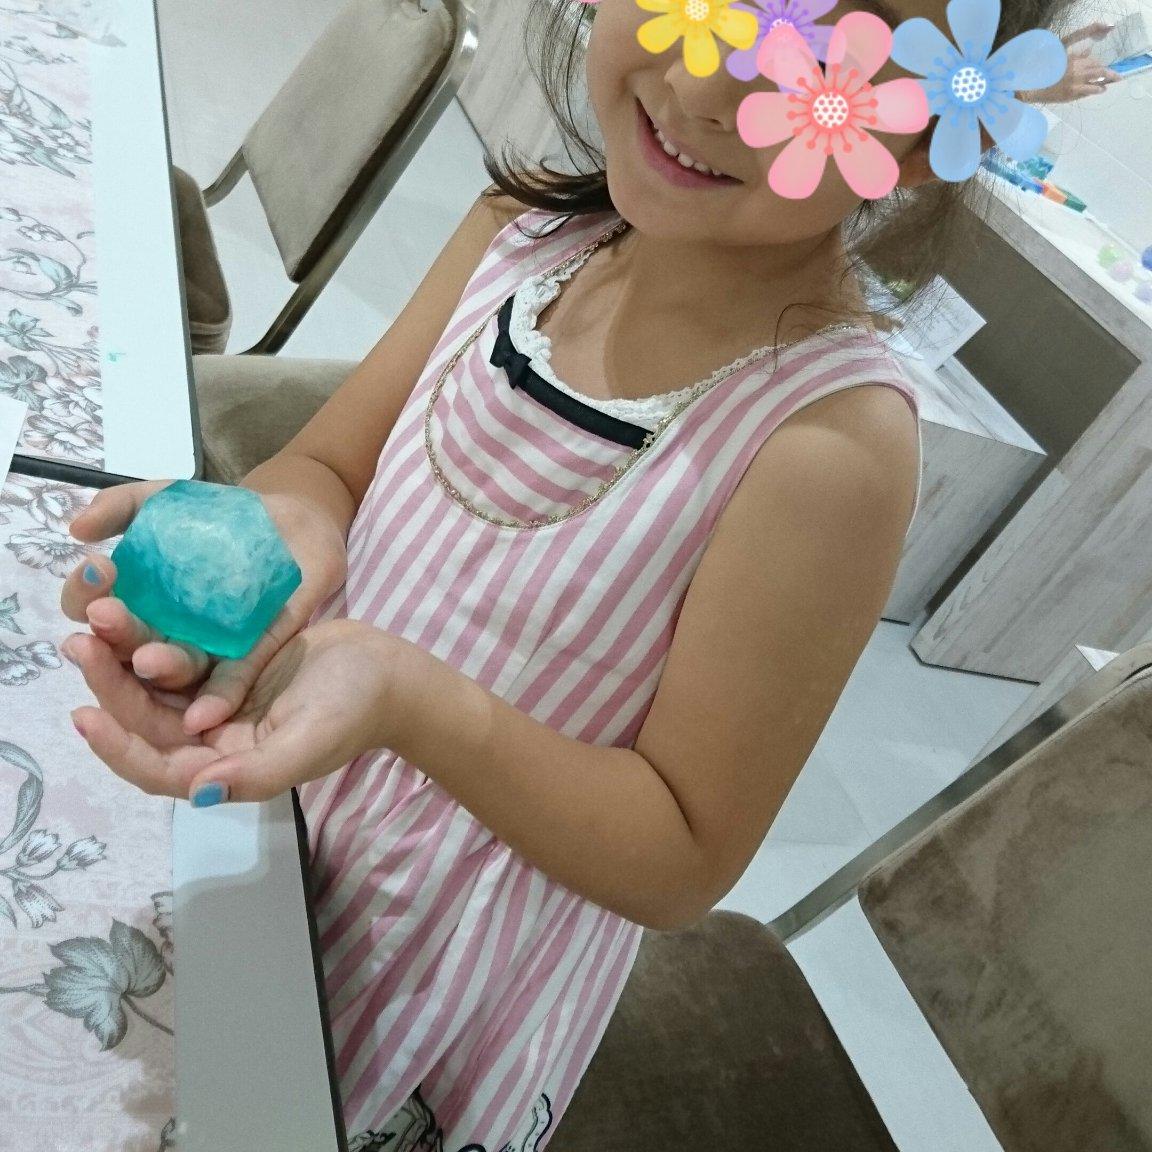 8/16(月)12:30〜13:30 夏休みの親子ワークショップ|3組限定!世界で一つ!自分だけの「宝石」石けん!|石けん2個作れます。のイメージその2